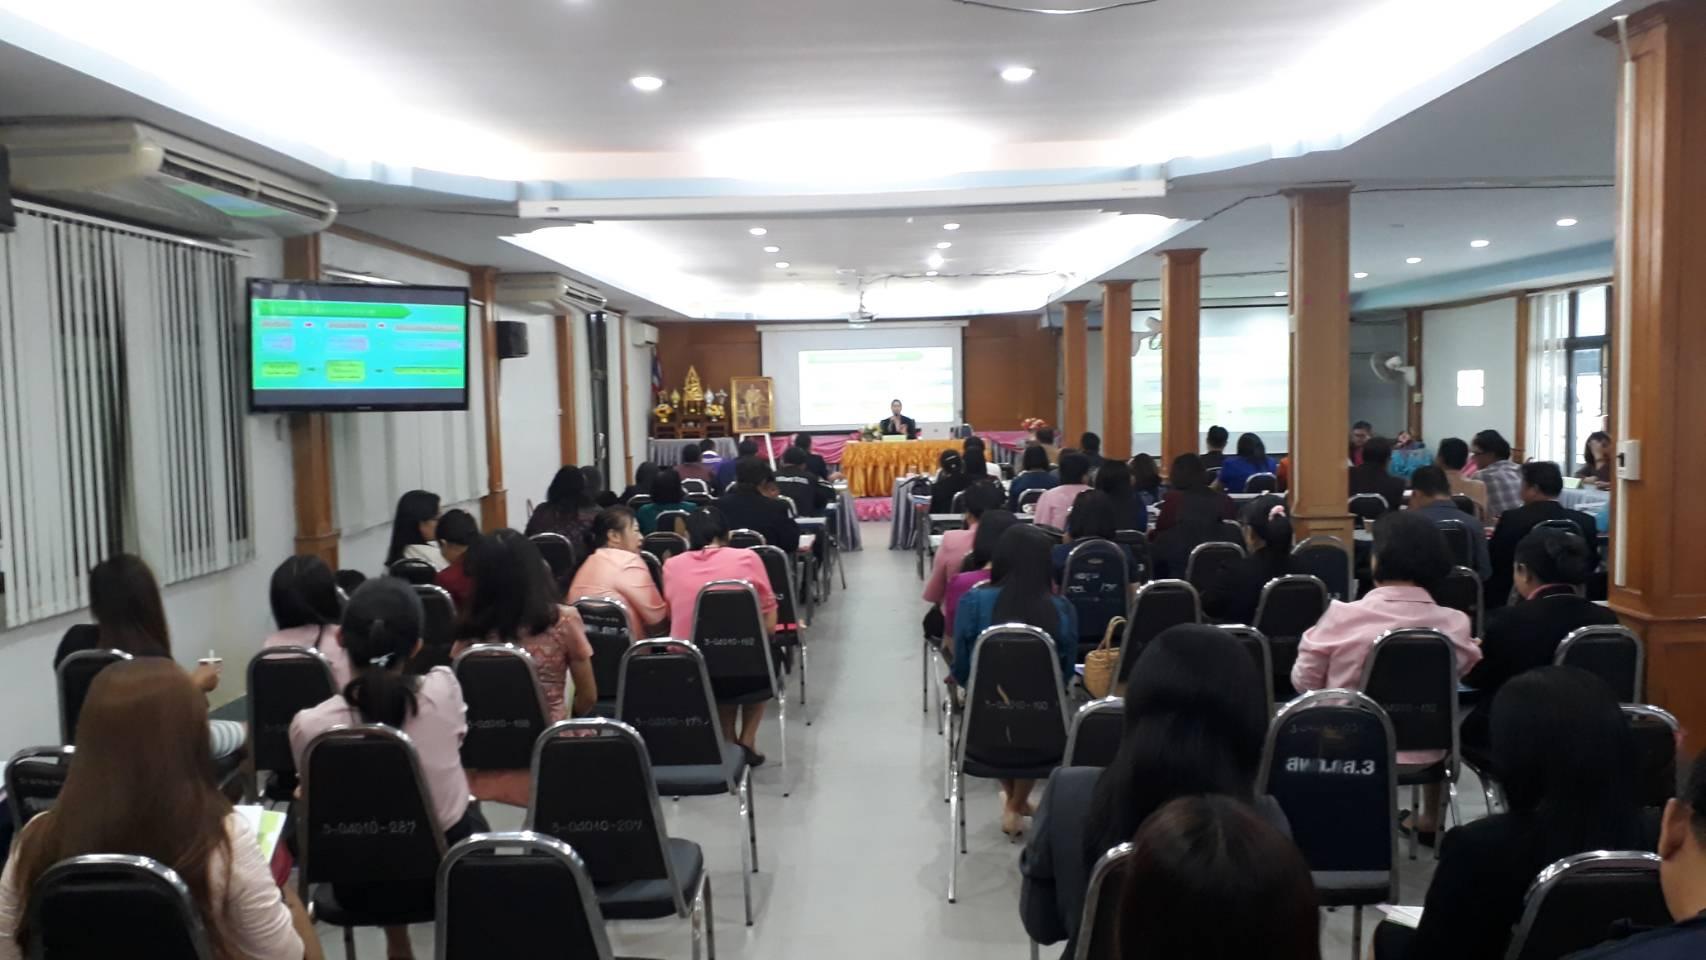 จัดประชุมเรื่องโครงการเพิ่มทักษะด้านอาชีพแก่นักเรียนครอบครัวยากจนที่ไม่ได้เรียนต่อหลังจบการศึกษา